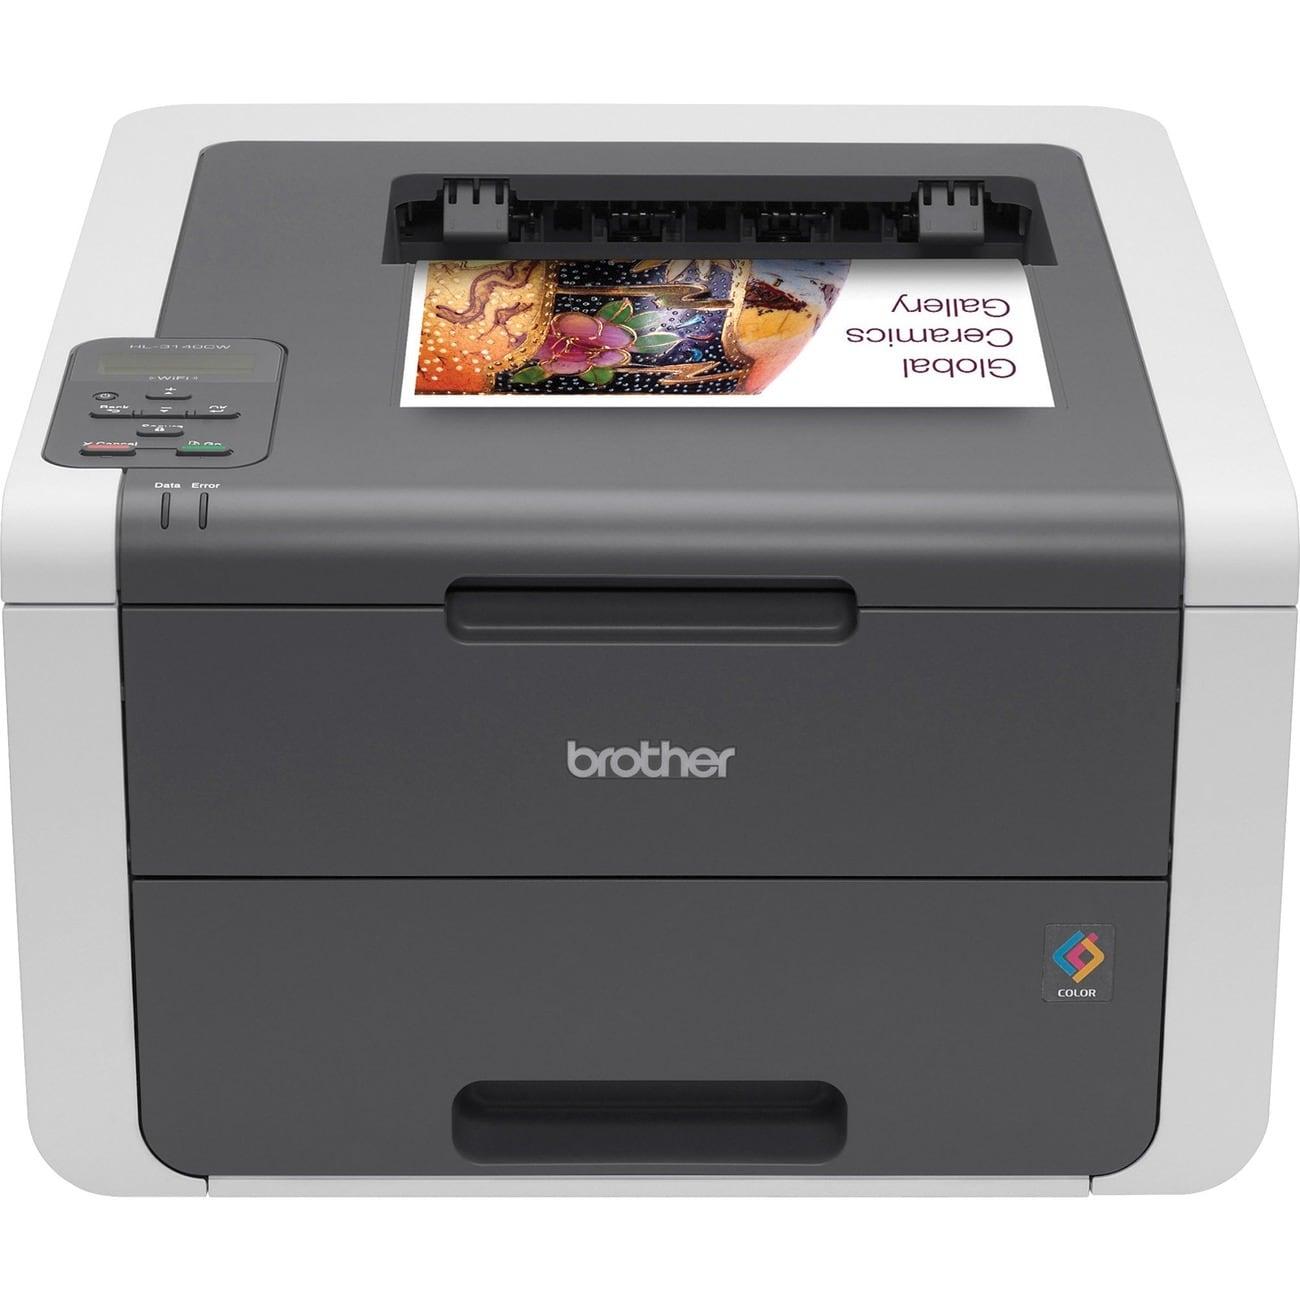 Brother HL-3140CW LED Printer - Color - 2400 x 600 dpi Print - Plain